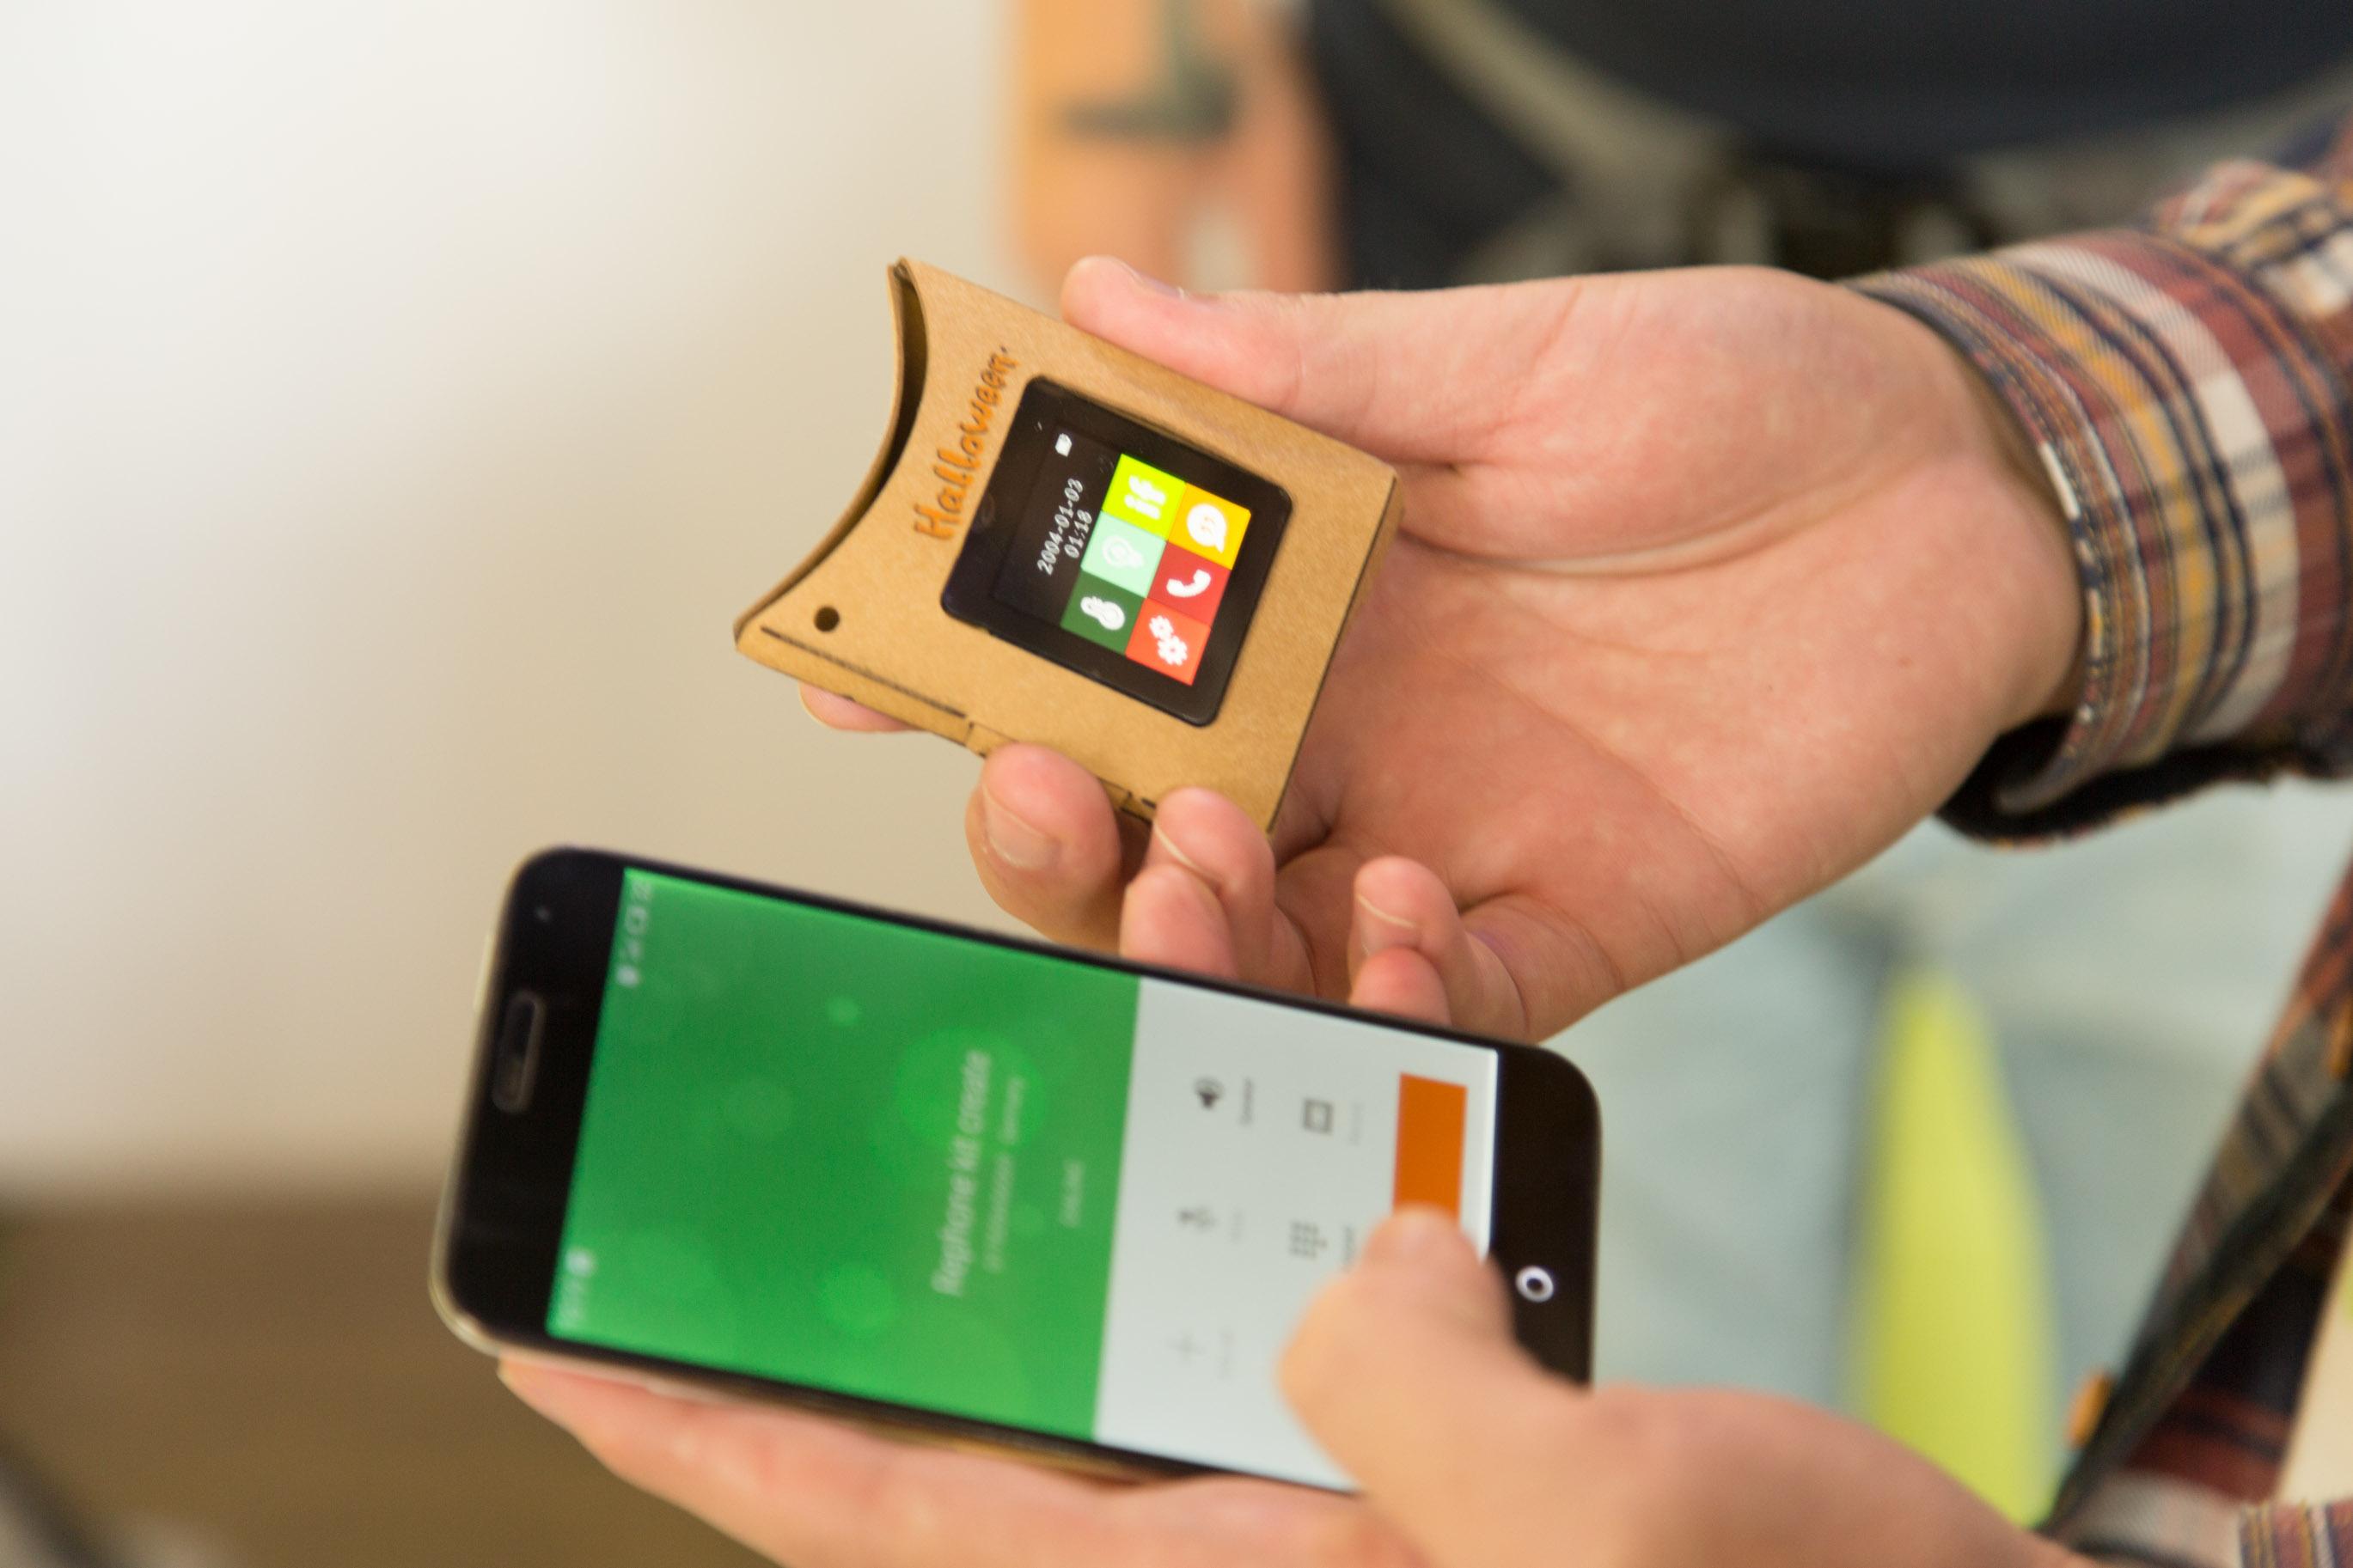 Bento Lab: Biohacking am Küchentisch - Seeedstudio zeigte sein neues Bastel-Smartphone Rephone. (Foto: Martin Wolf/Golem.de)